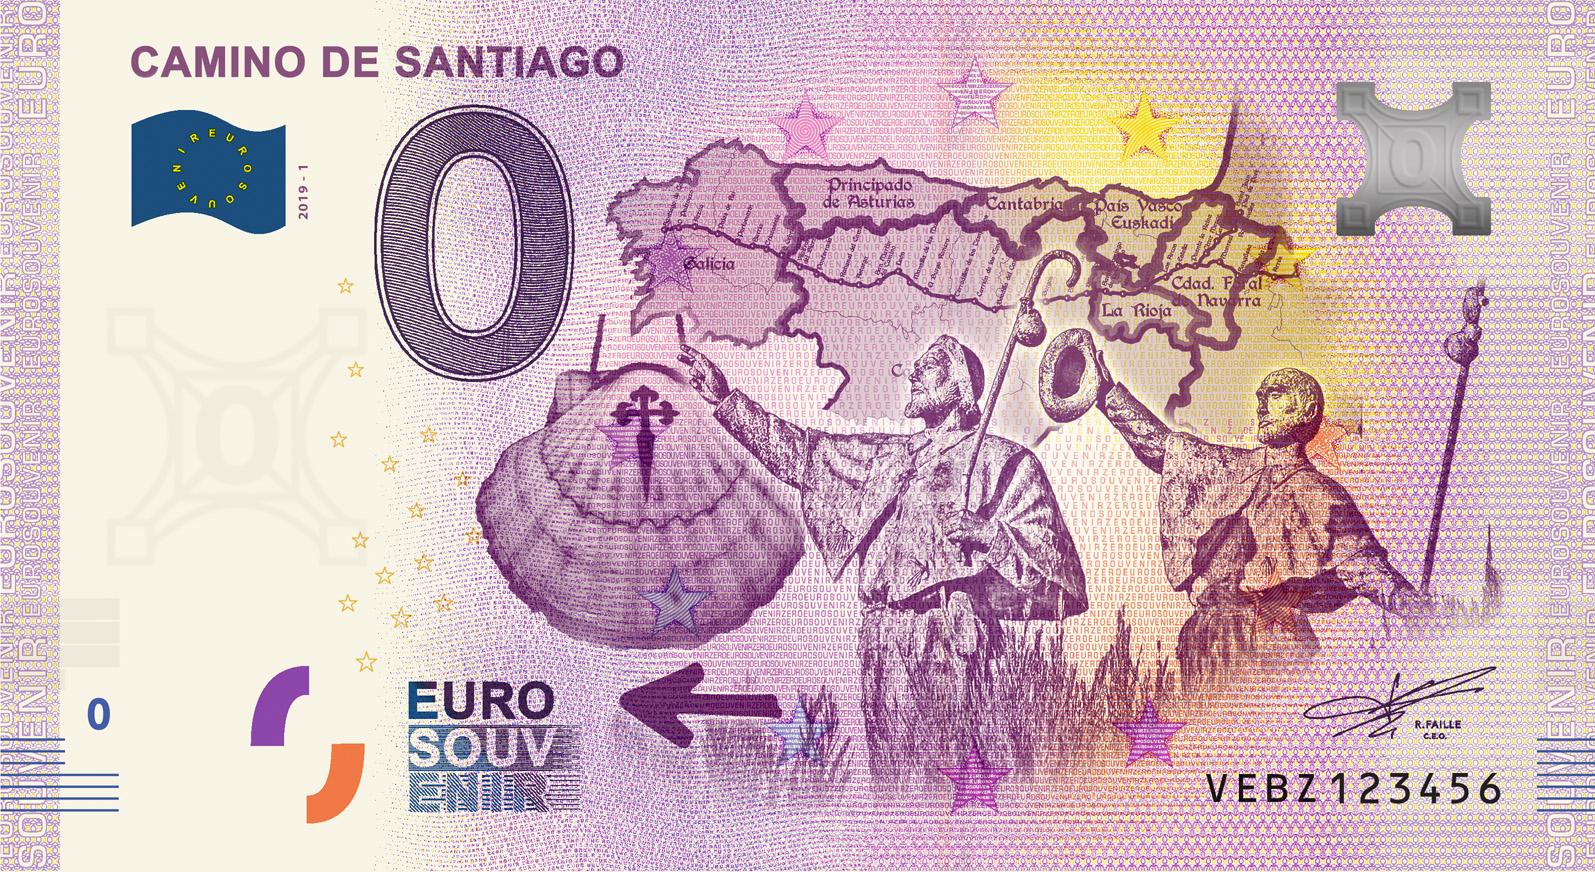 FRA_VEBZ1_Camino_de_santiago_2019.jpg